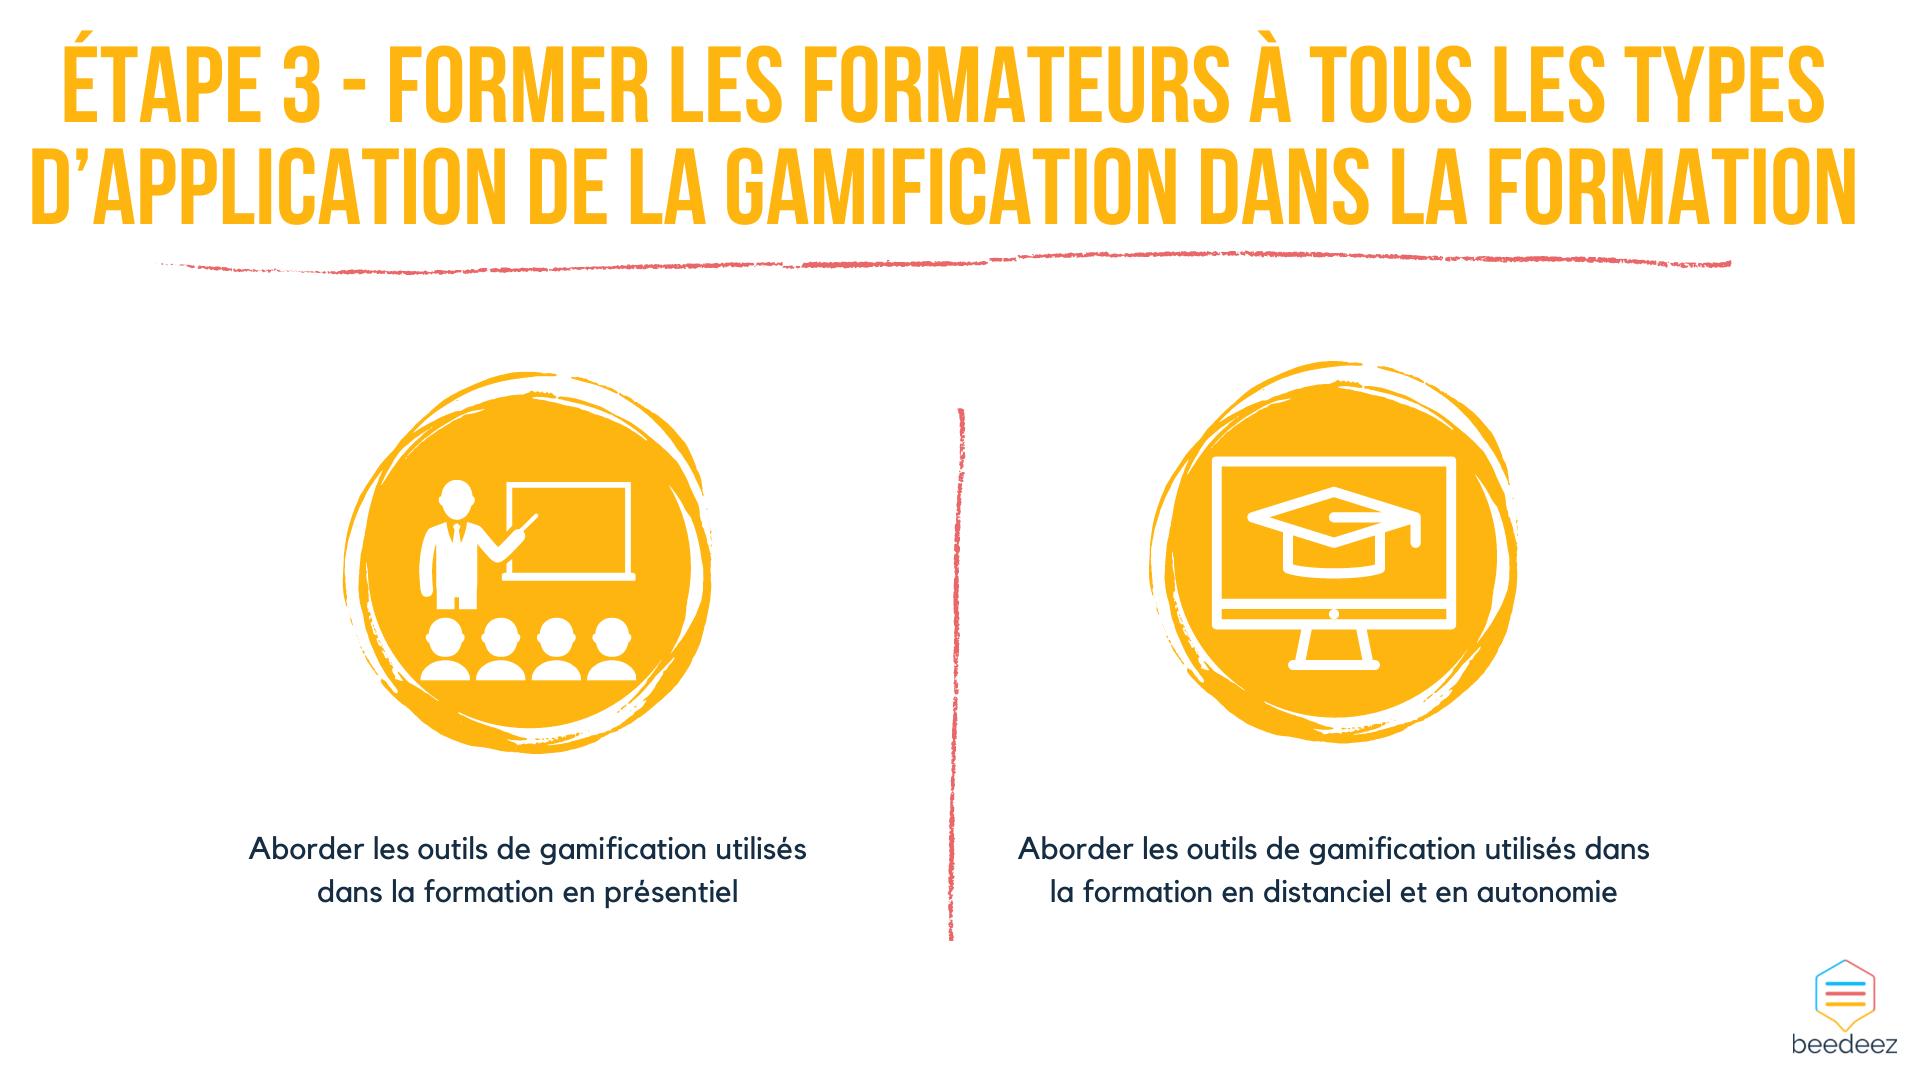 Former les formateurs à tous les types d'application de la gamification dans la formation